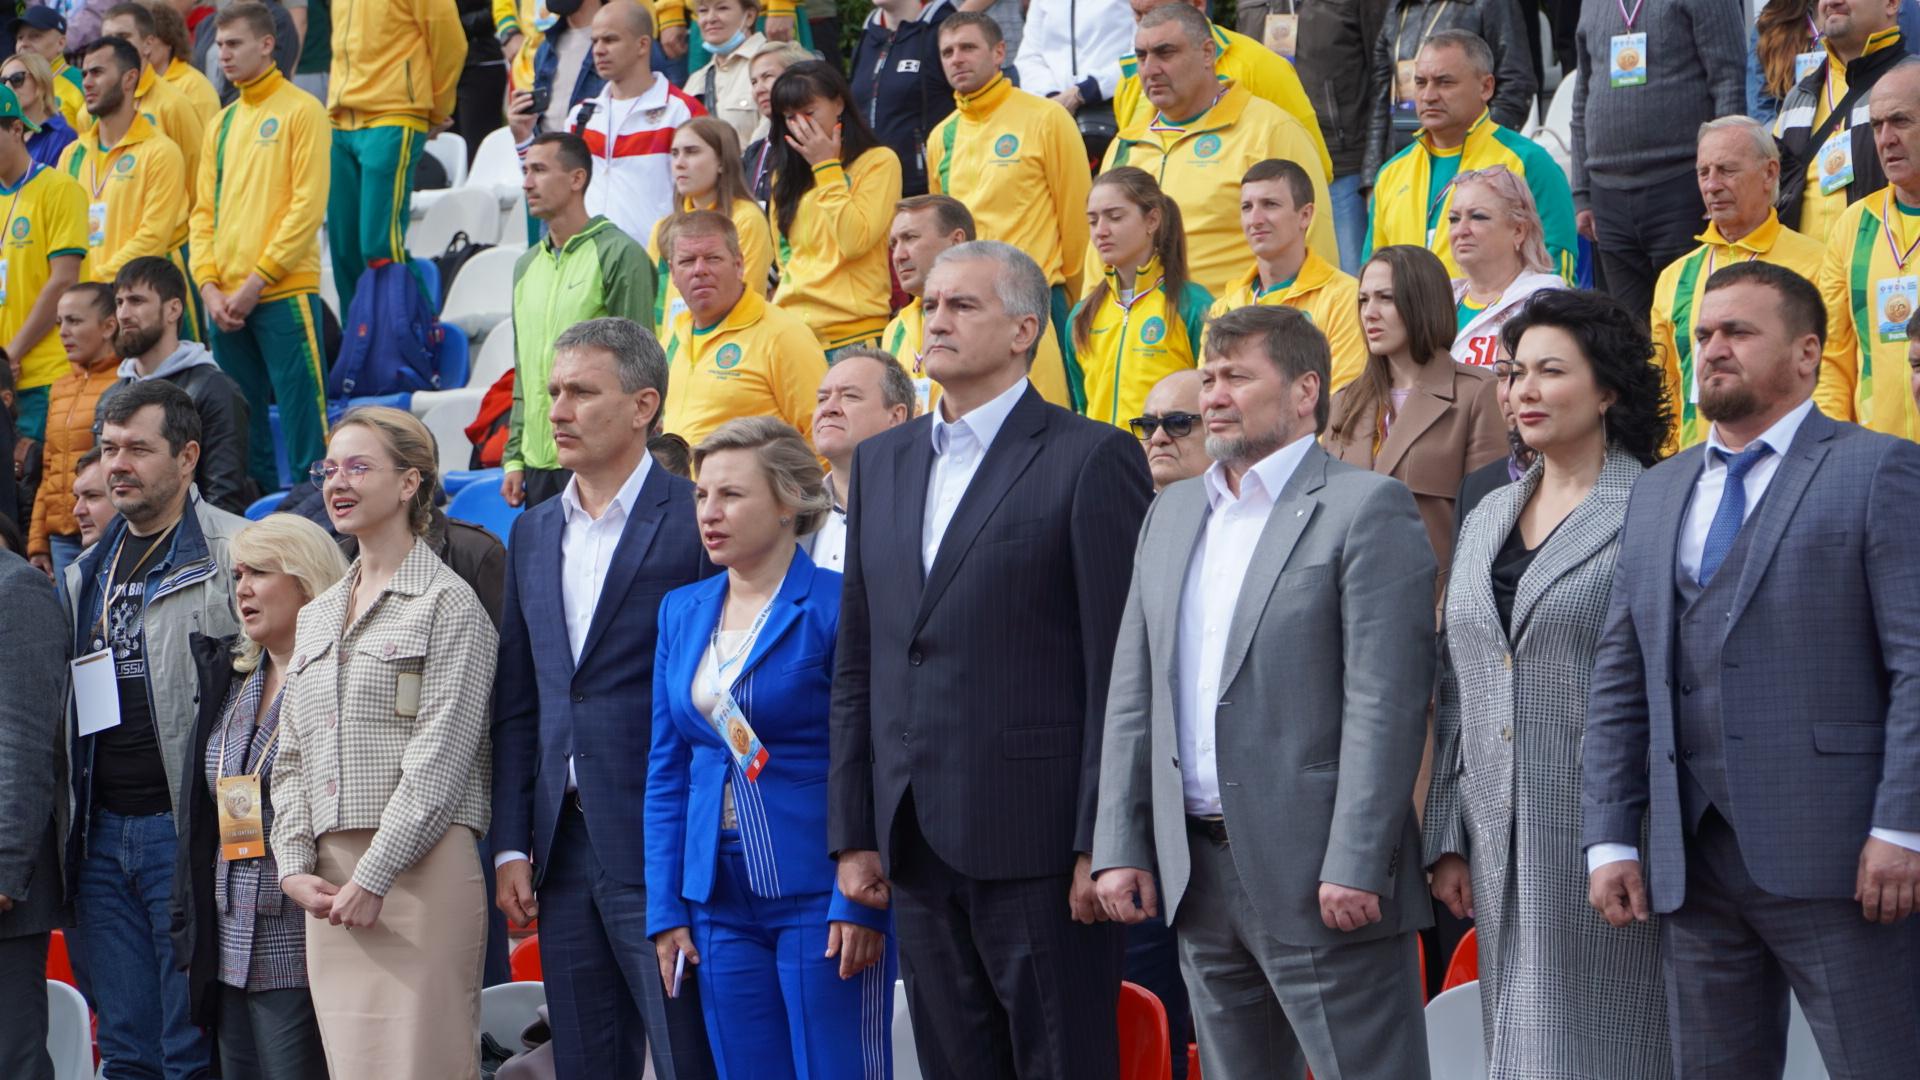 Глава Крыма принял участие в церемонии открытия фестиваля культуры и спорта народов Юга России